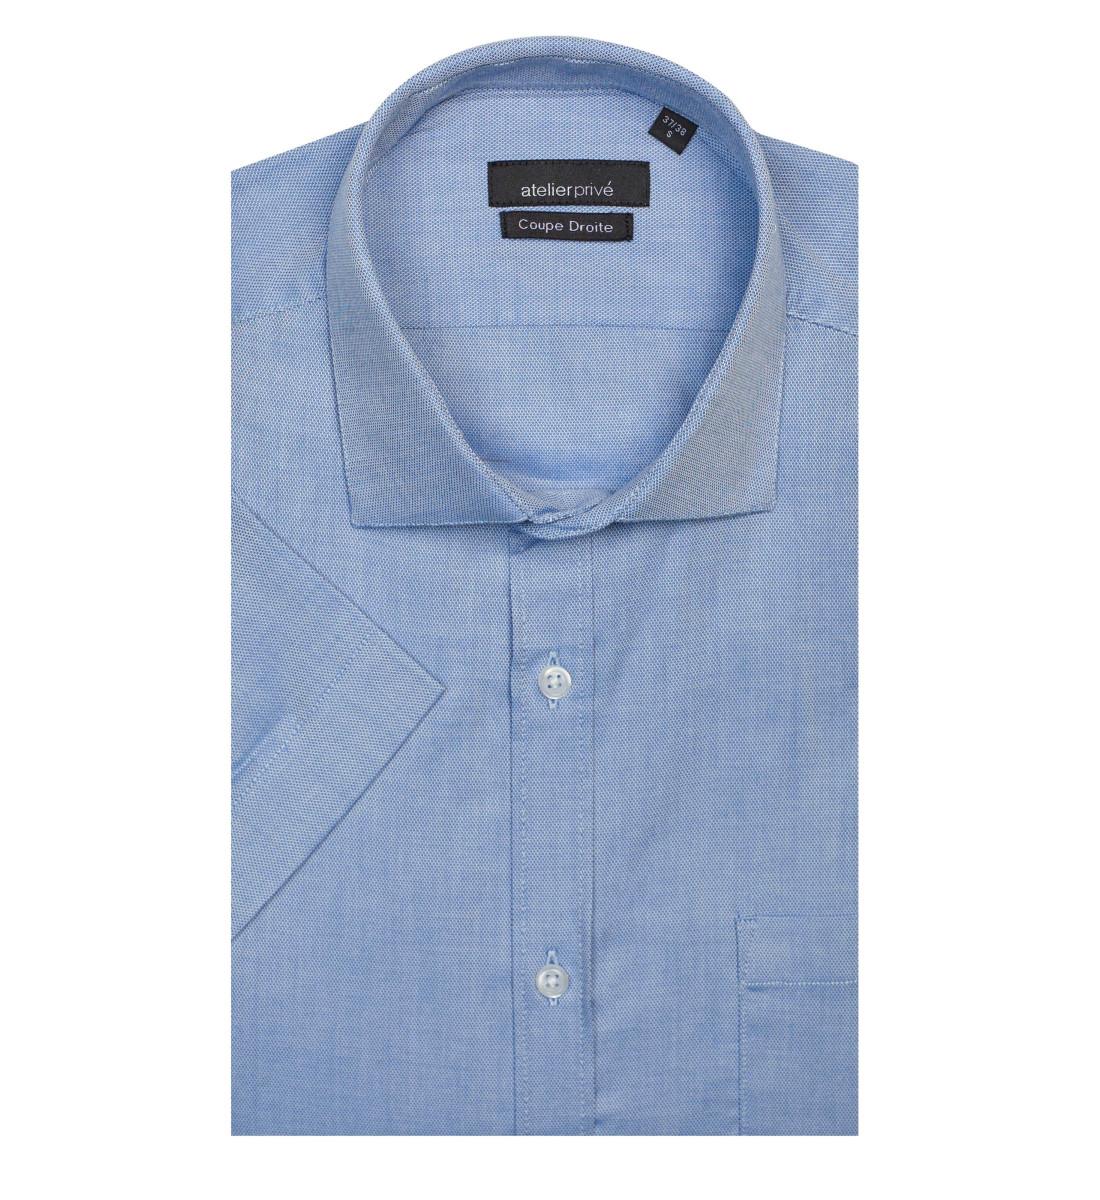 chemise manches courtes nid d 39 abeille bleu atelierpriv. Black Bedroom Furniture Sets. Home Design Ideas